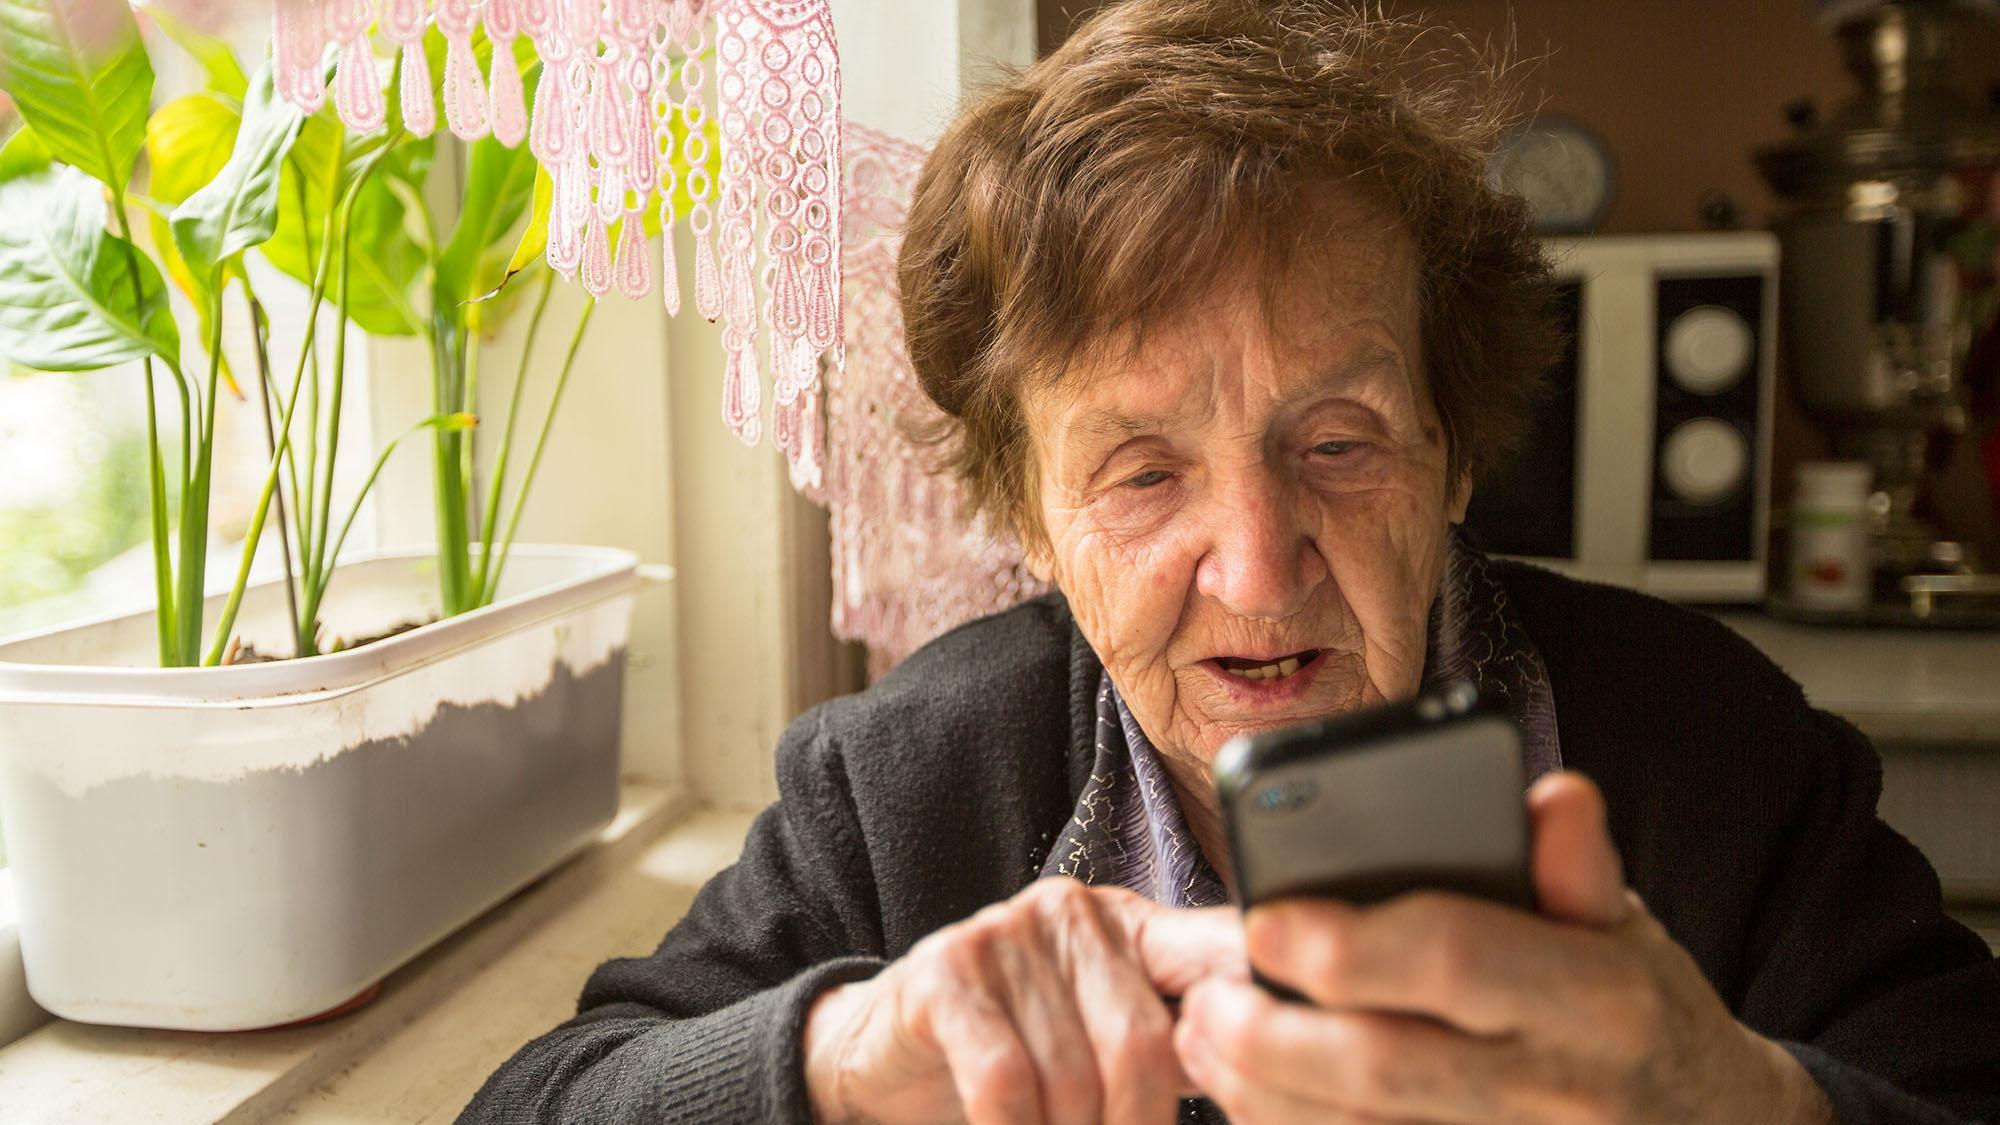 Пожилые люди становятся жертвами мошенников — это может быть предвестником деменции